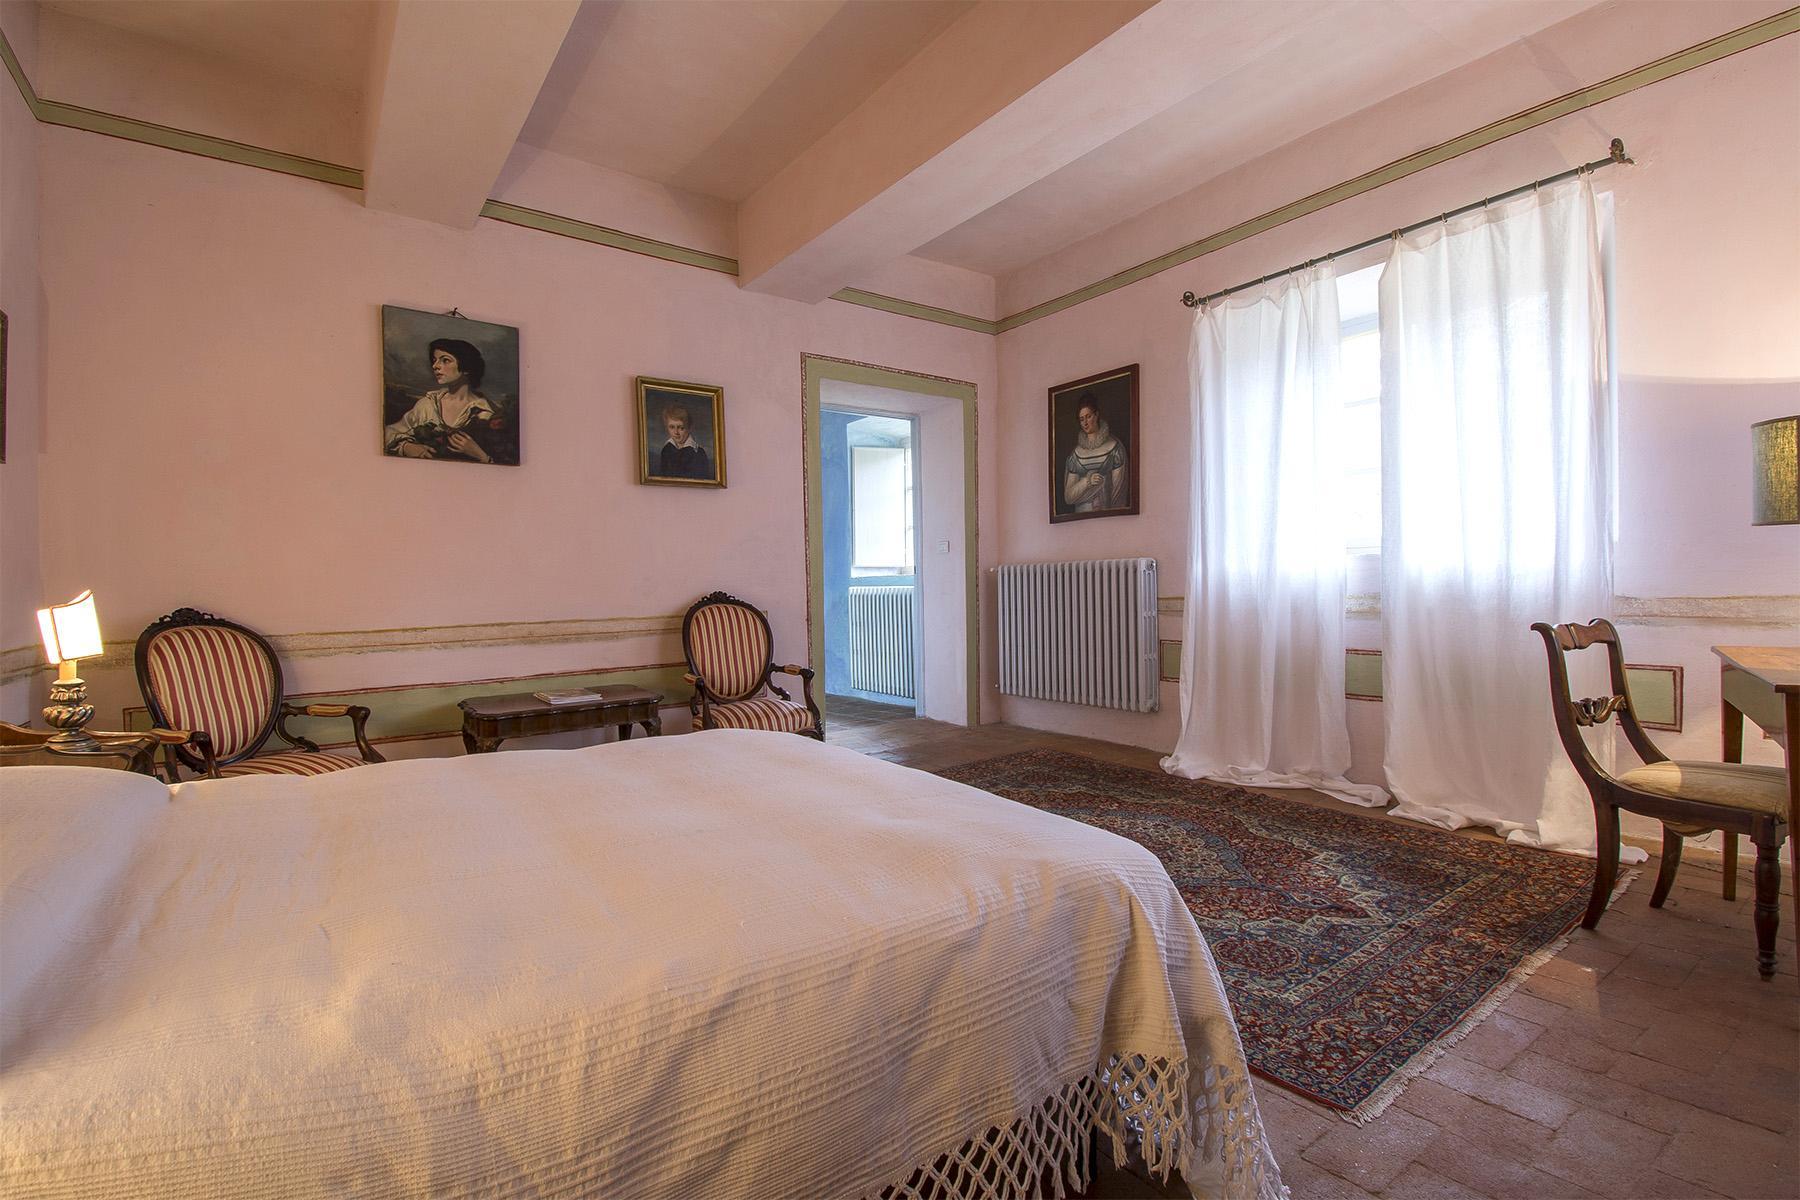 Villa historique près d'un village toscan médiéval - 13